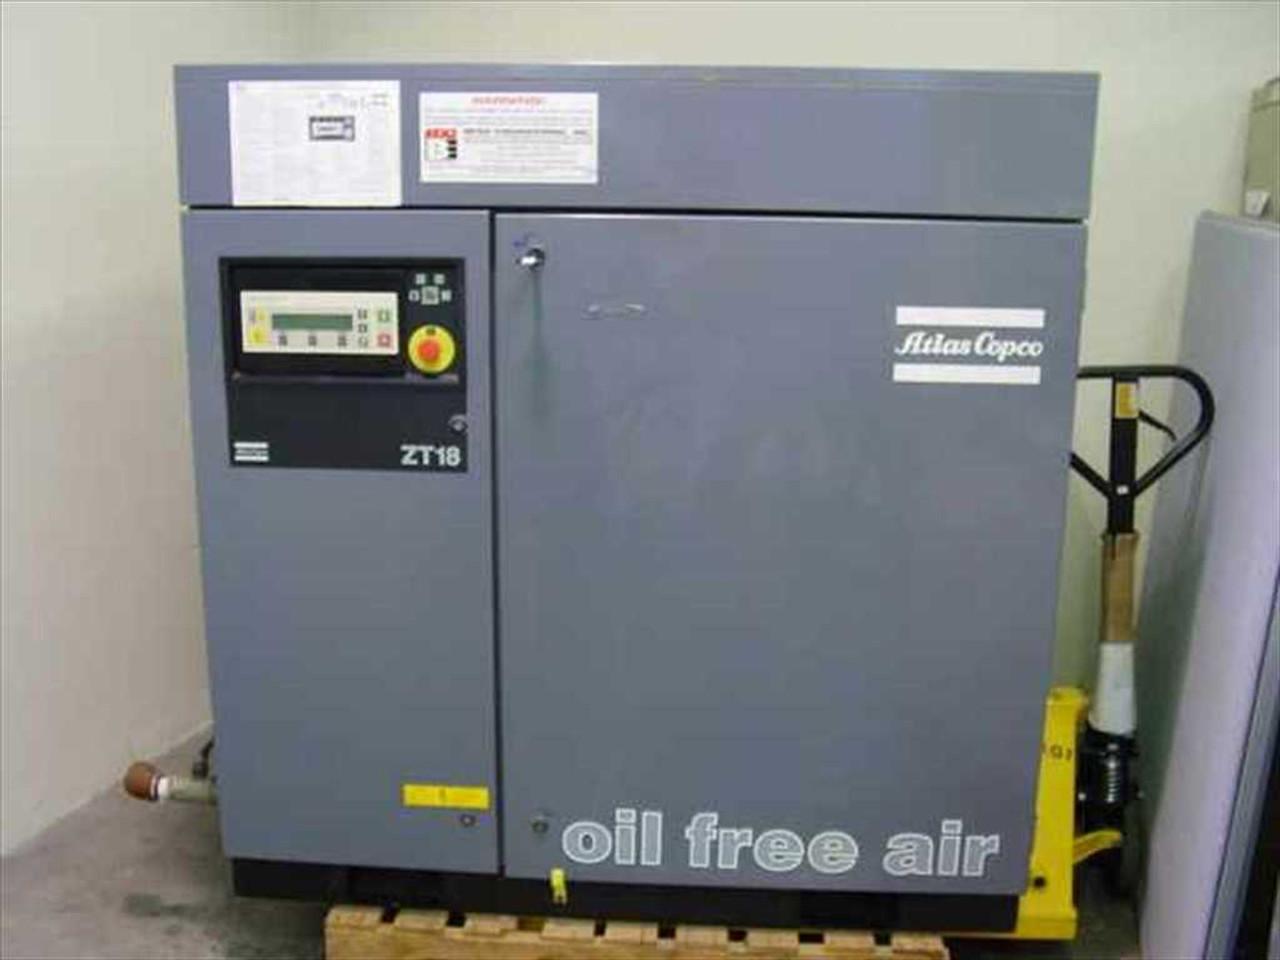 atlas copco zt18 oil free air compressor zt 18 air cooled 35hp rh recycledgoods com Atlas Copco Compressors Atlas Copco Oxygen Generator